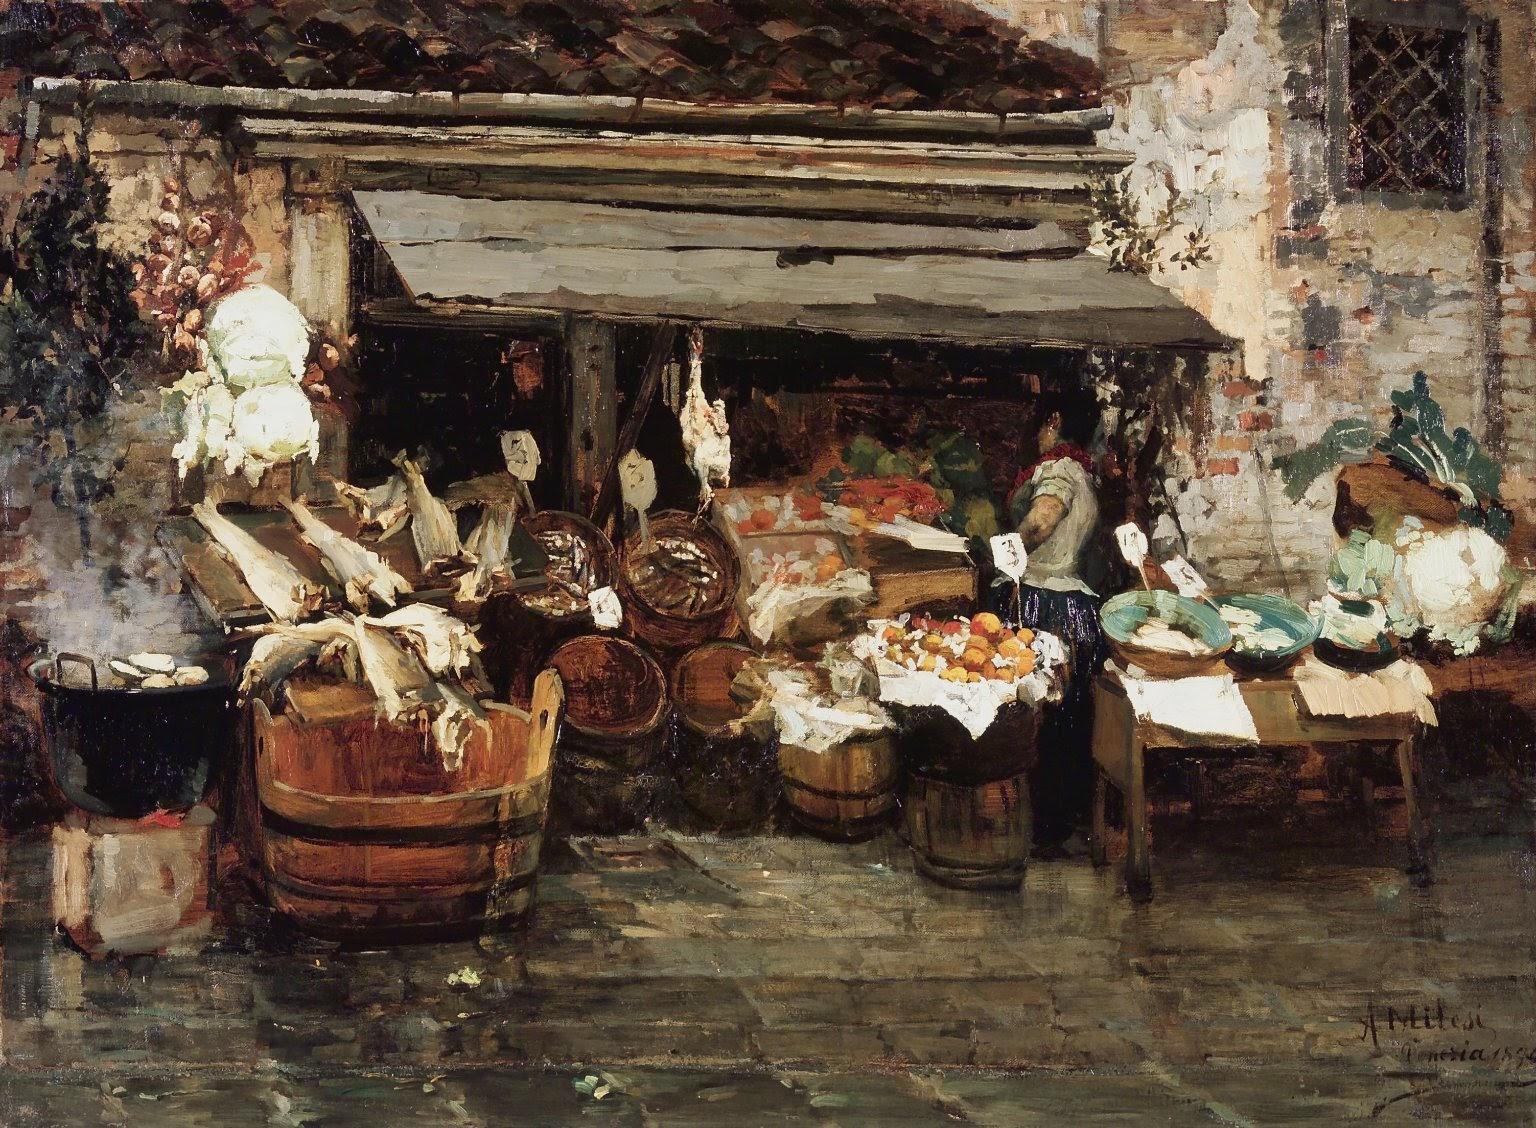 Alessandro Milesi Market  Scene  rooklyn  Museum